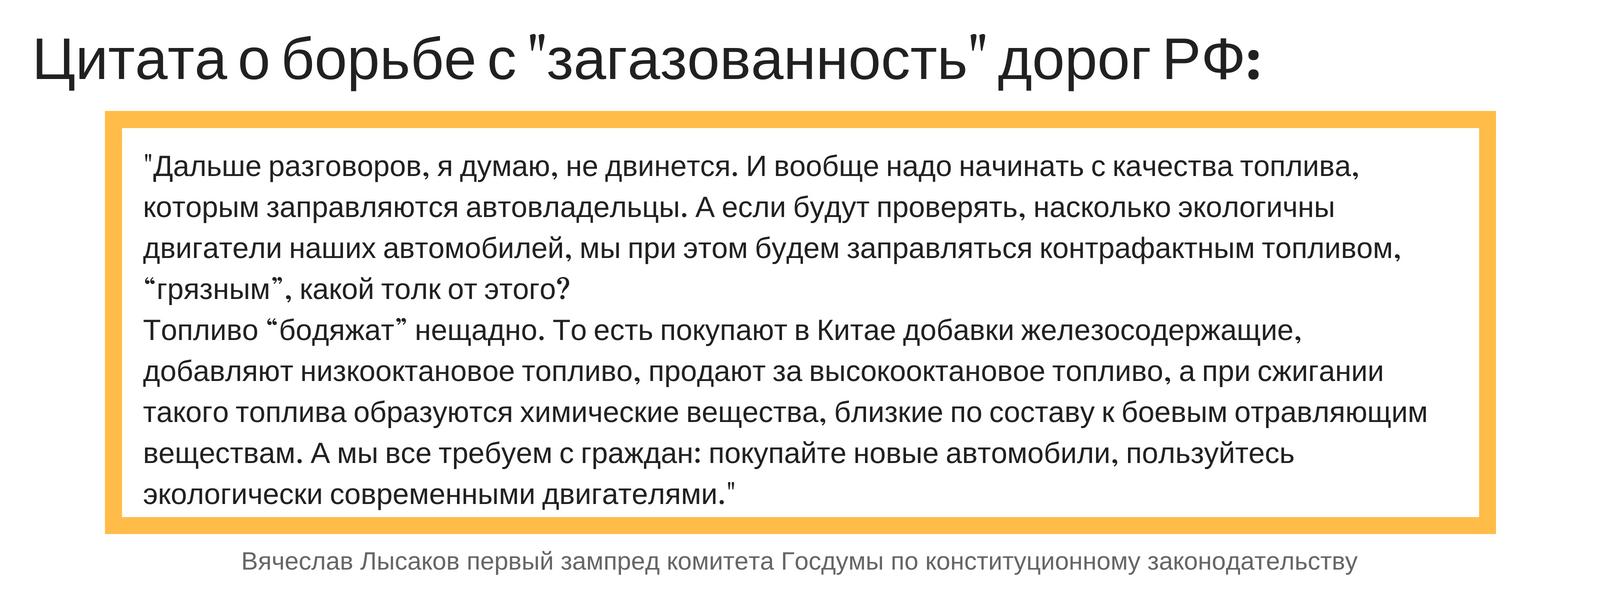 дороги в РФ